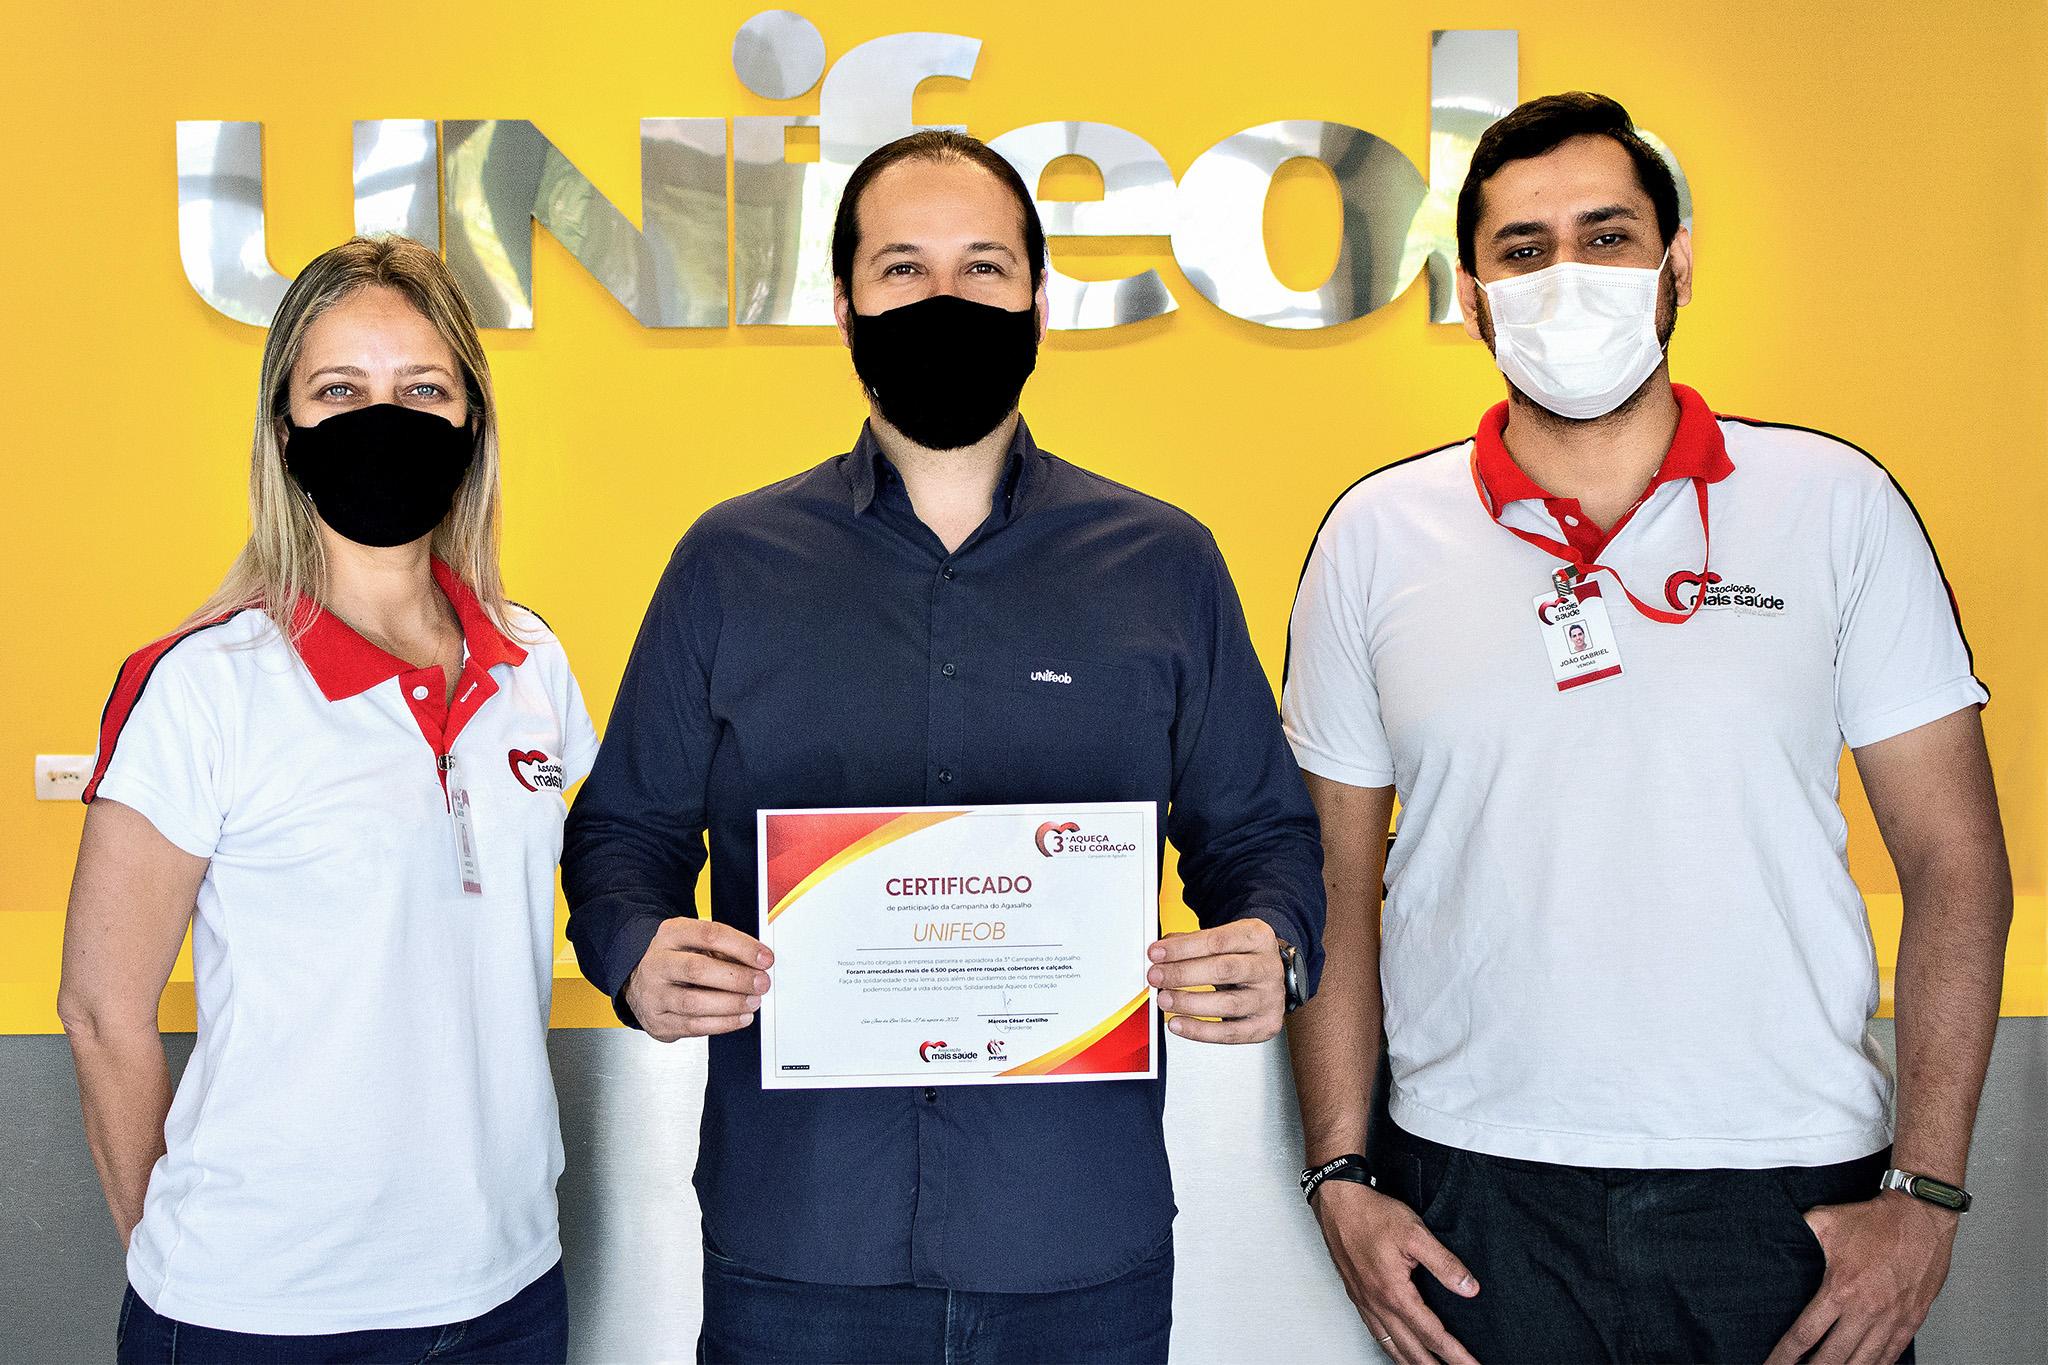 Campanha do Agasalho: Unifeob recebe certificado por colaboração